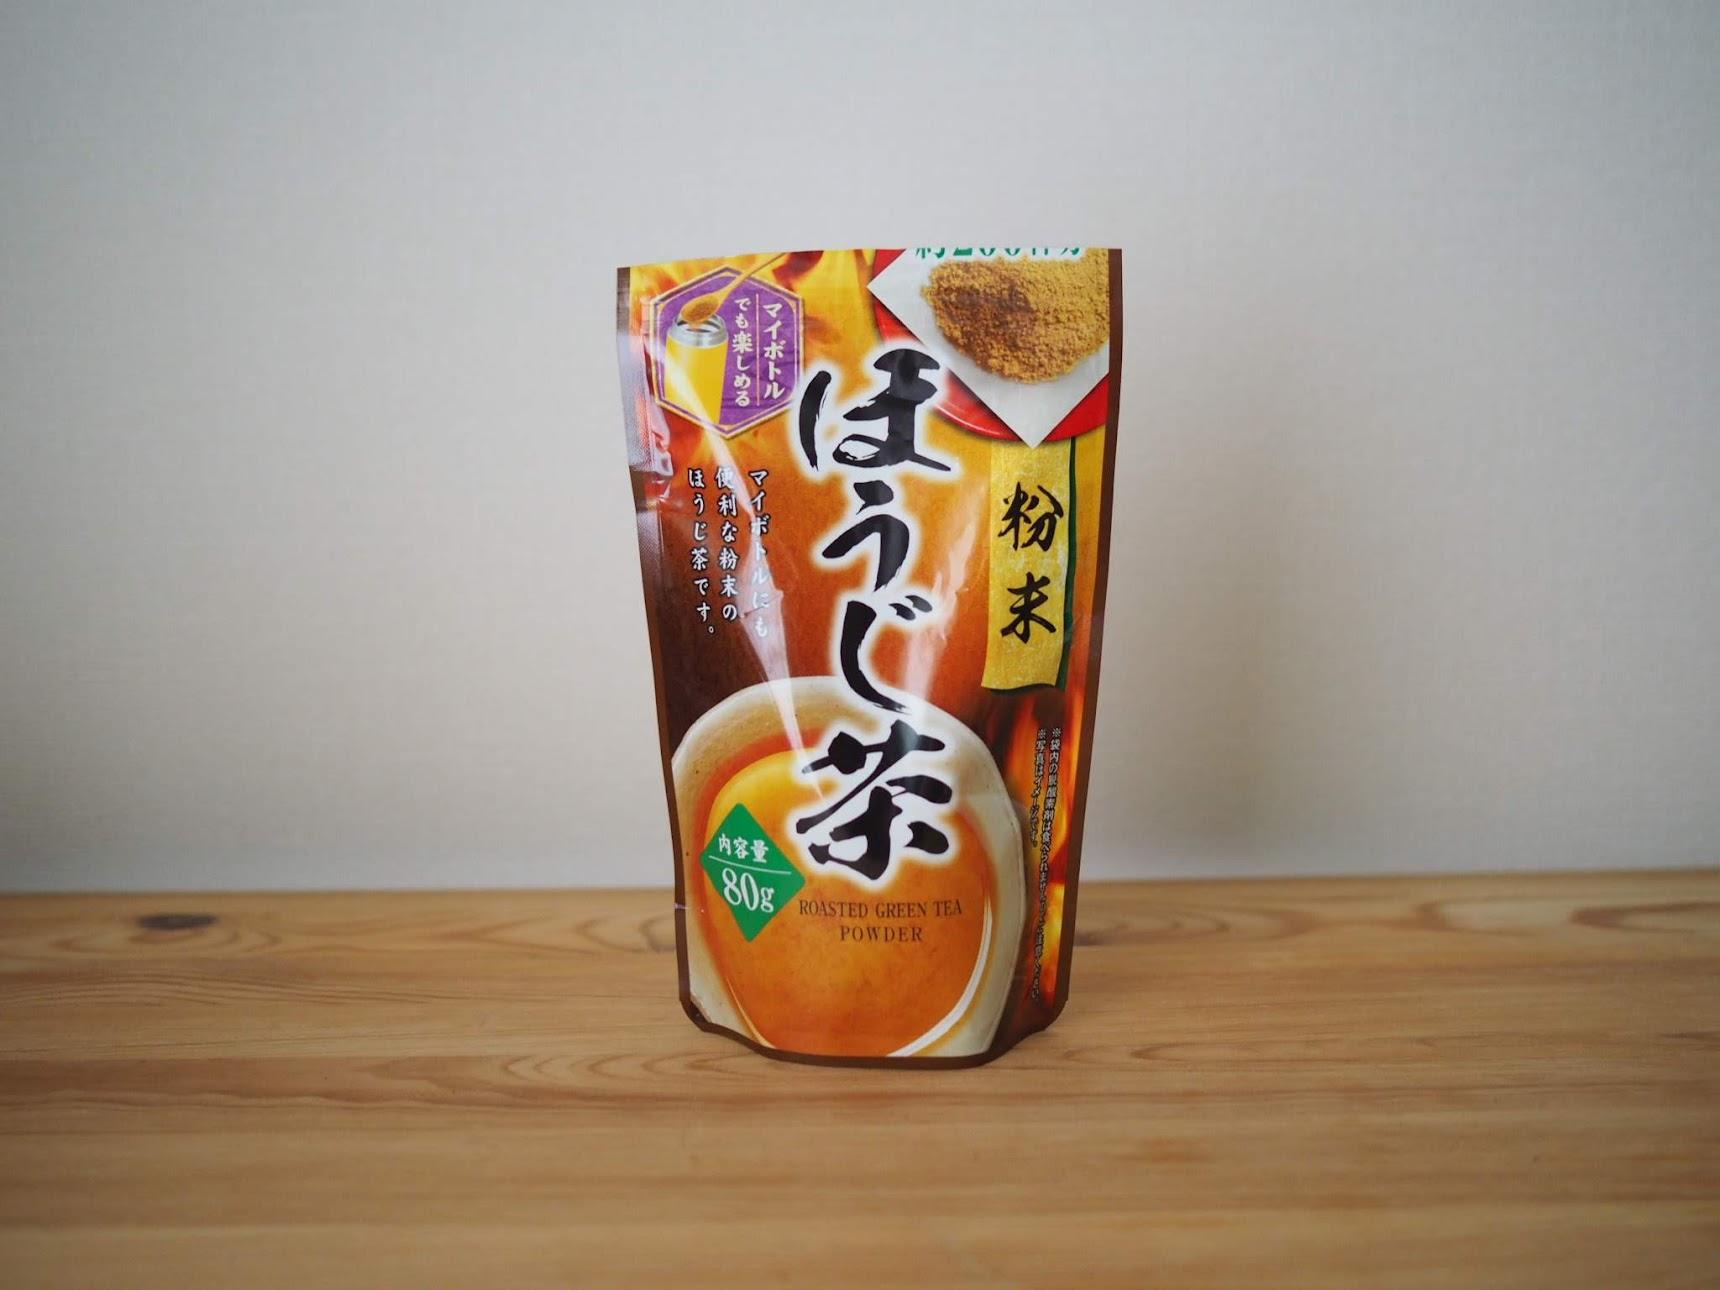 粉末ほうじ茶のパッケージ